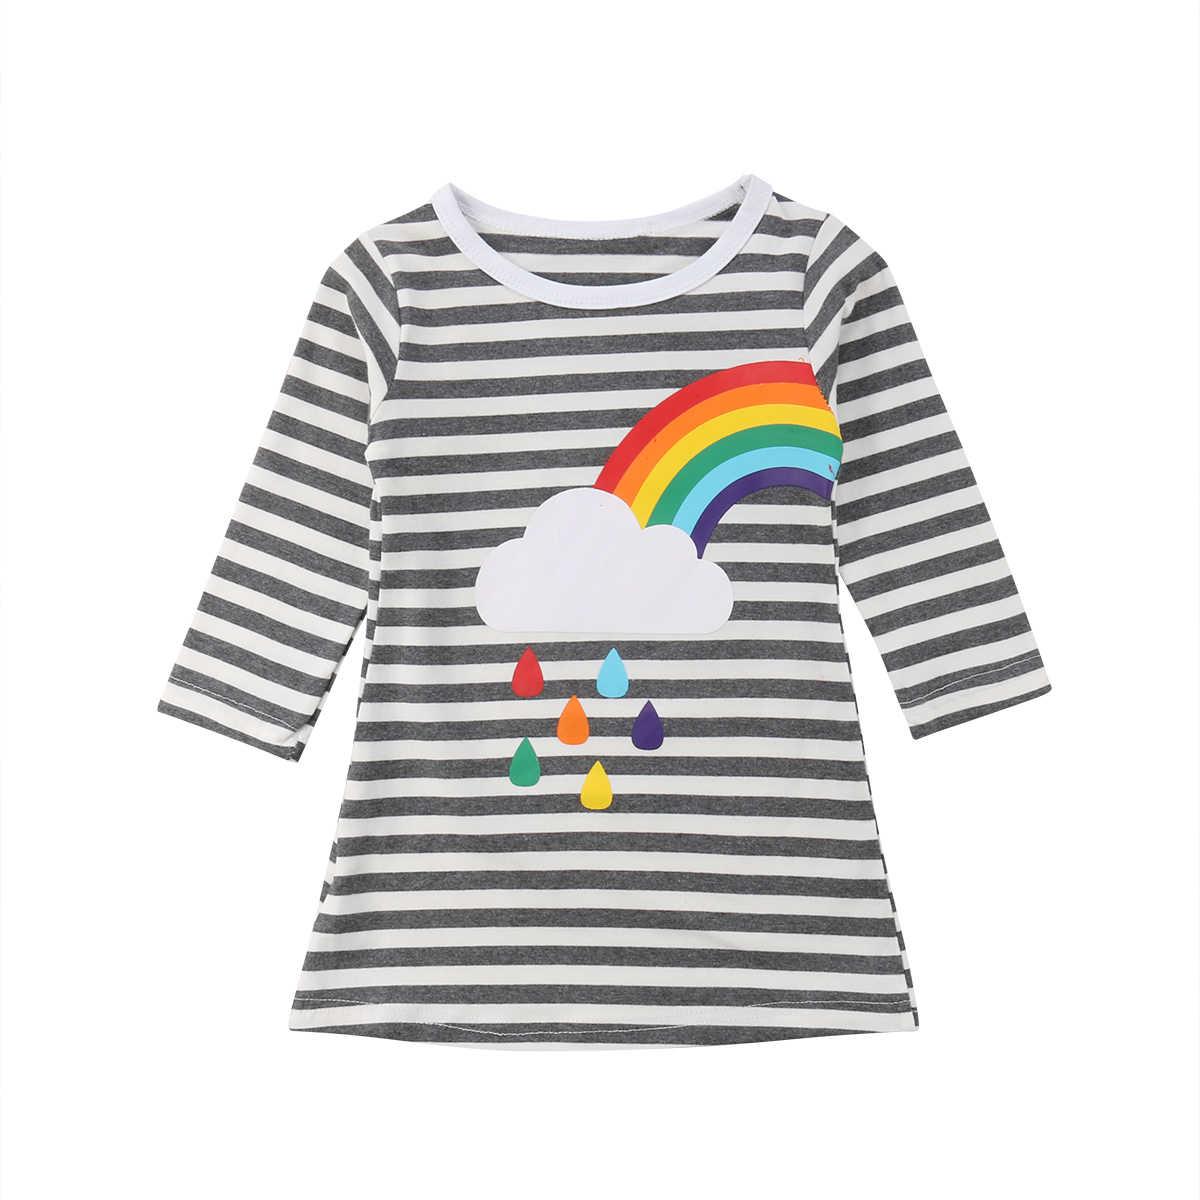 Осенне-зимнее платье для девочек-сестер праздничные платья принцессы с радугой для девочек, сарафан в полоску, одежда для детей ясельного возраста